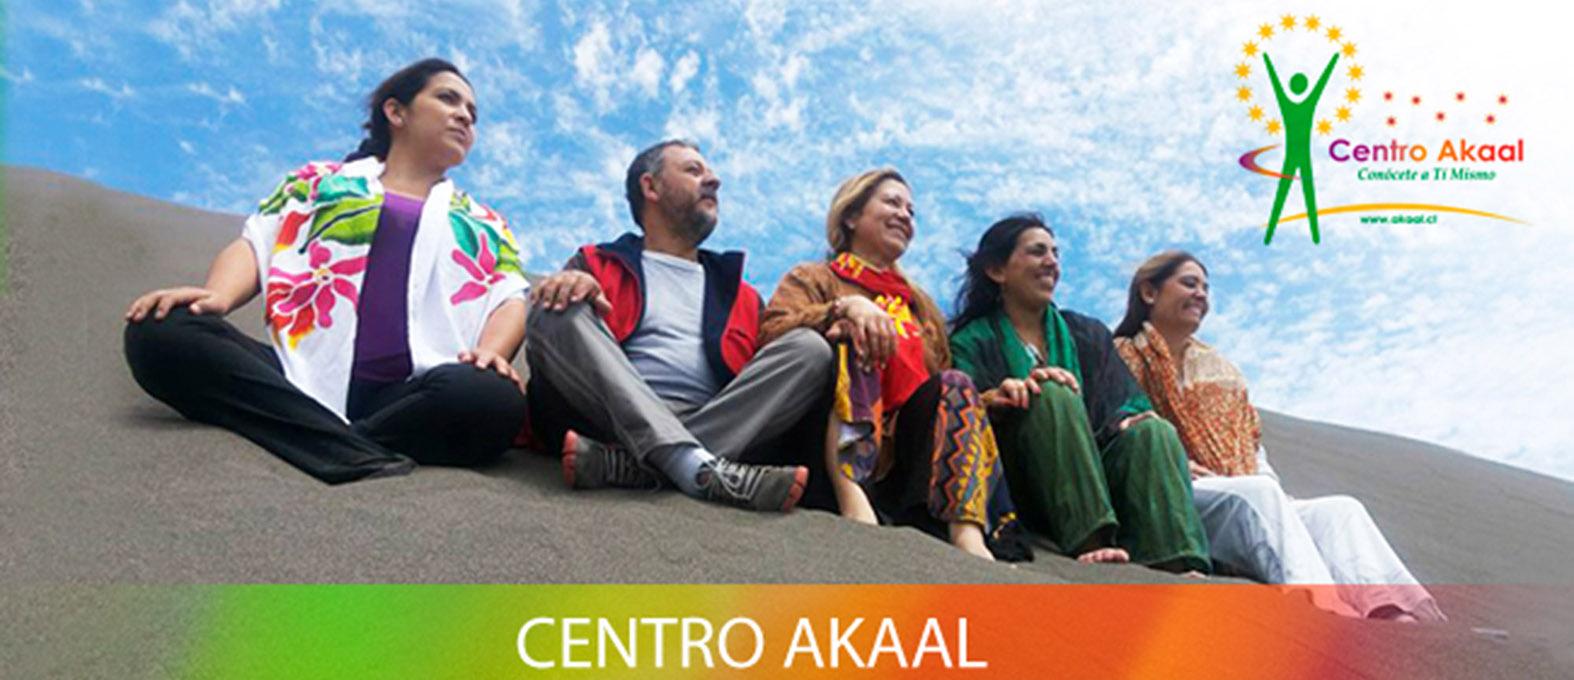 Bienvenidos a Centro Akaal